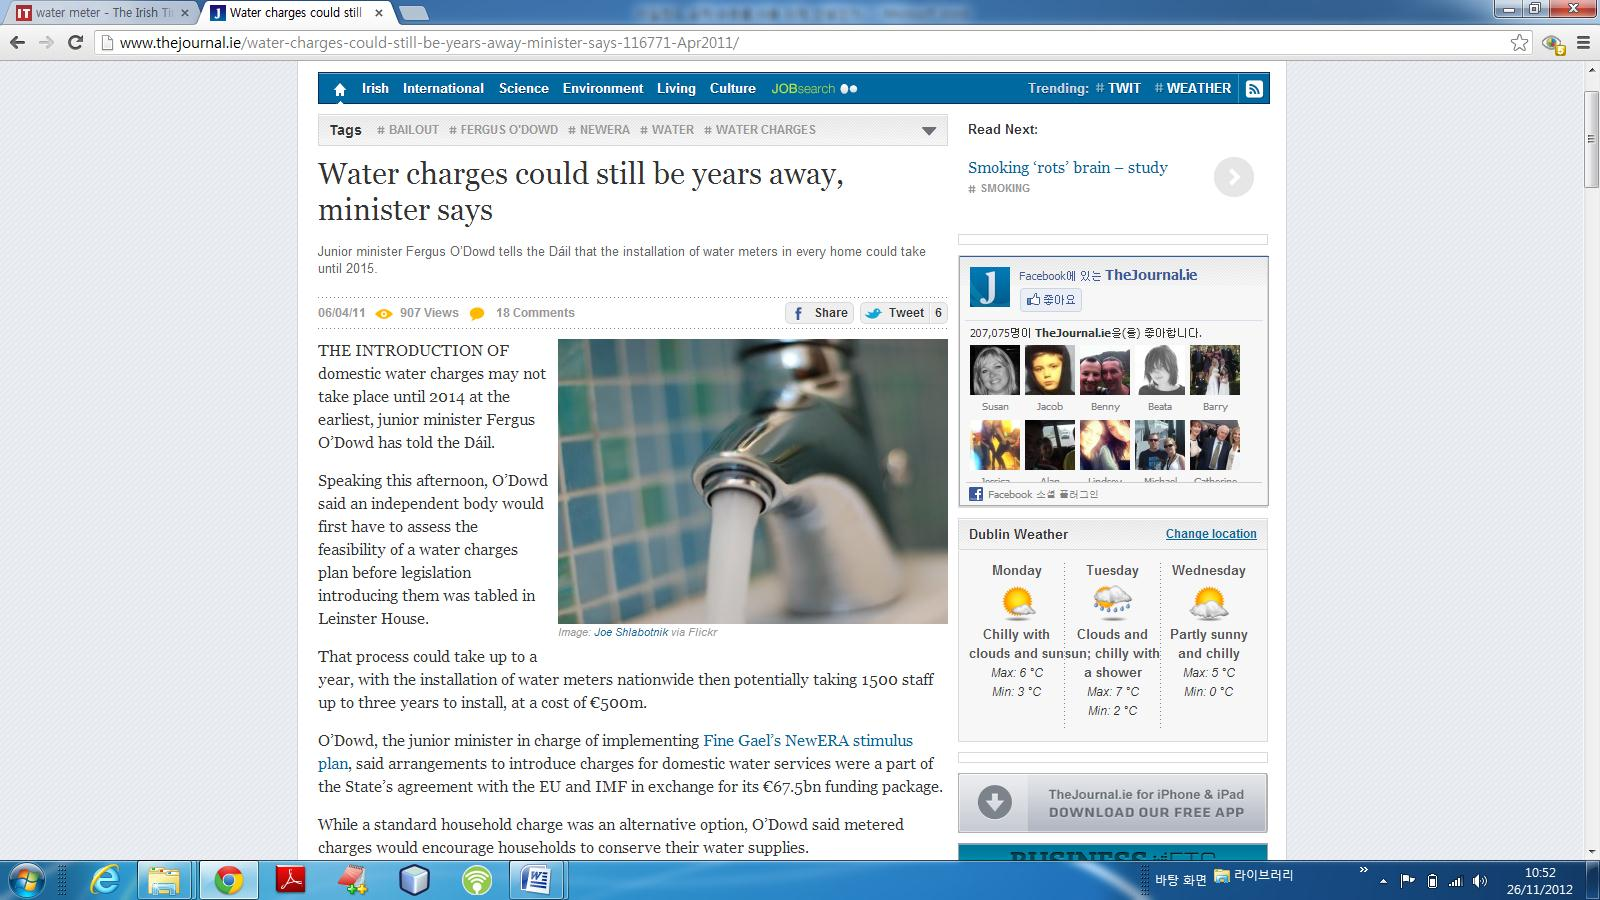 880-유럽뉴스 1 아일랜드 사진.jpg